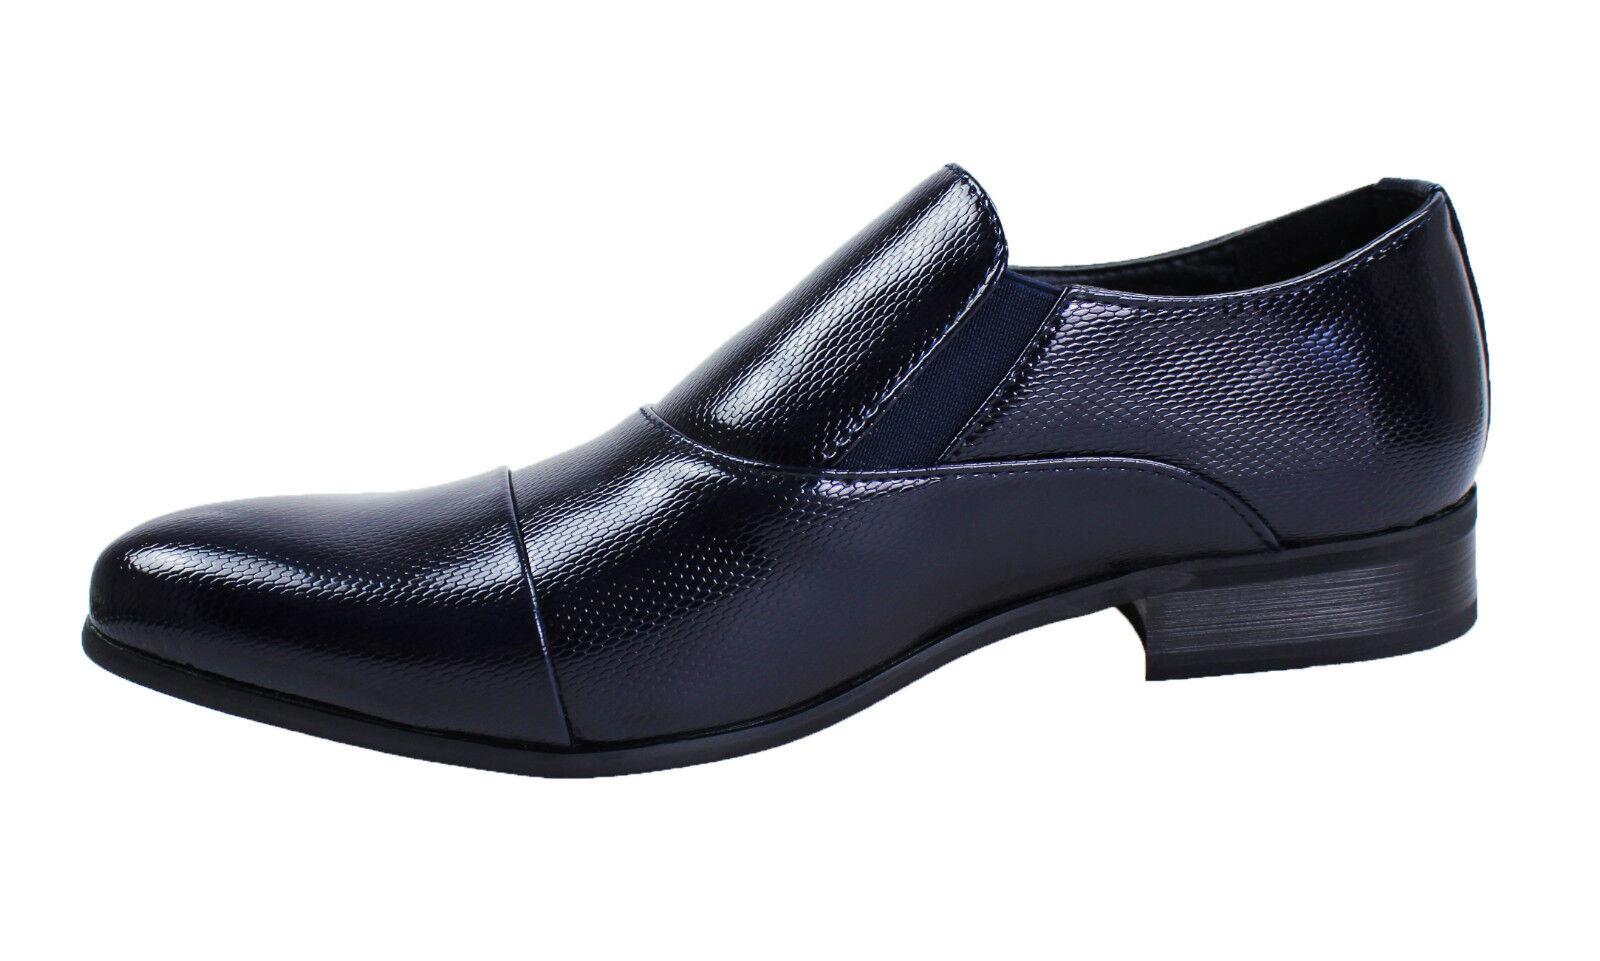 Schuhe Herren Klassische Blau Elegant mit Schnalle Nummer 40 41 42 43 44 45